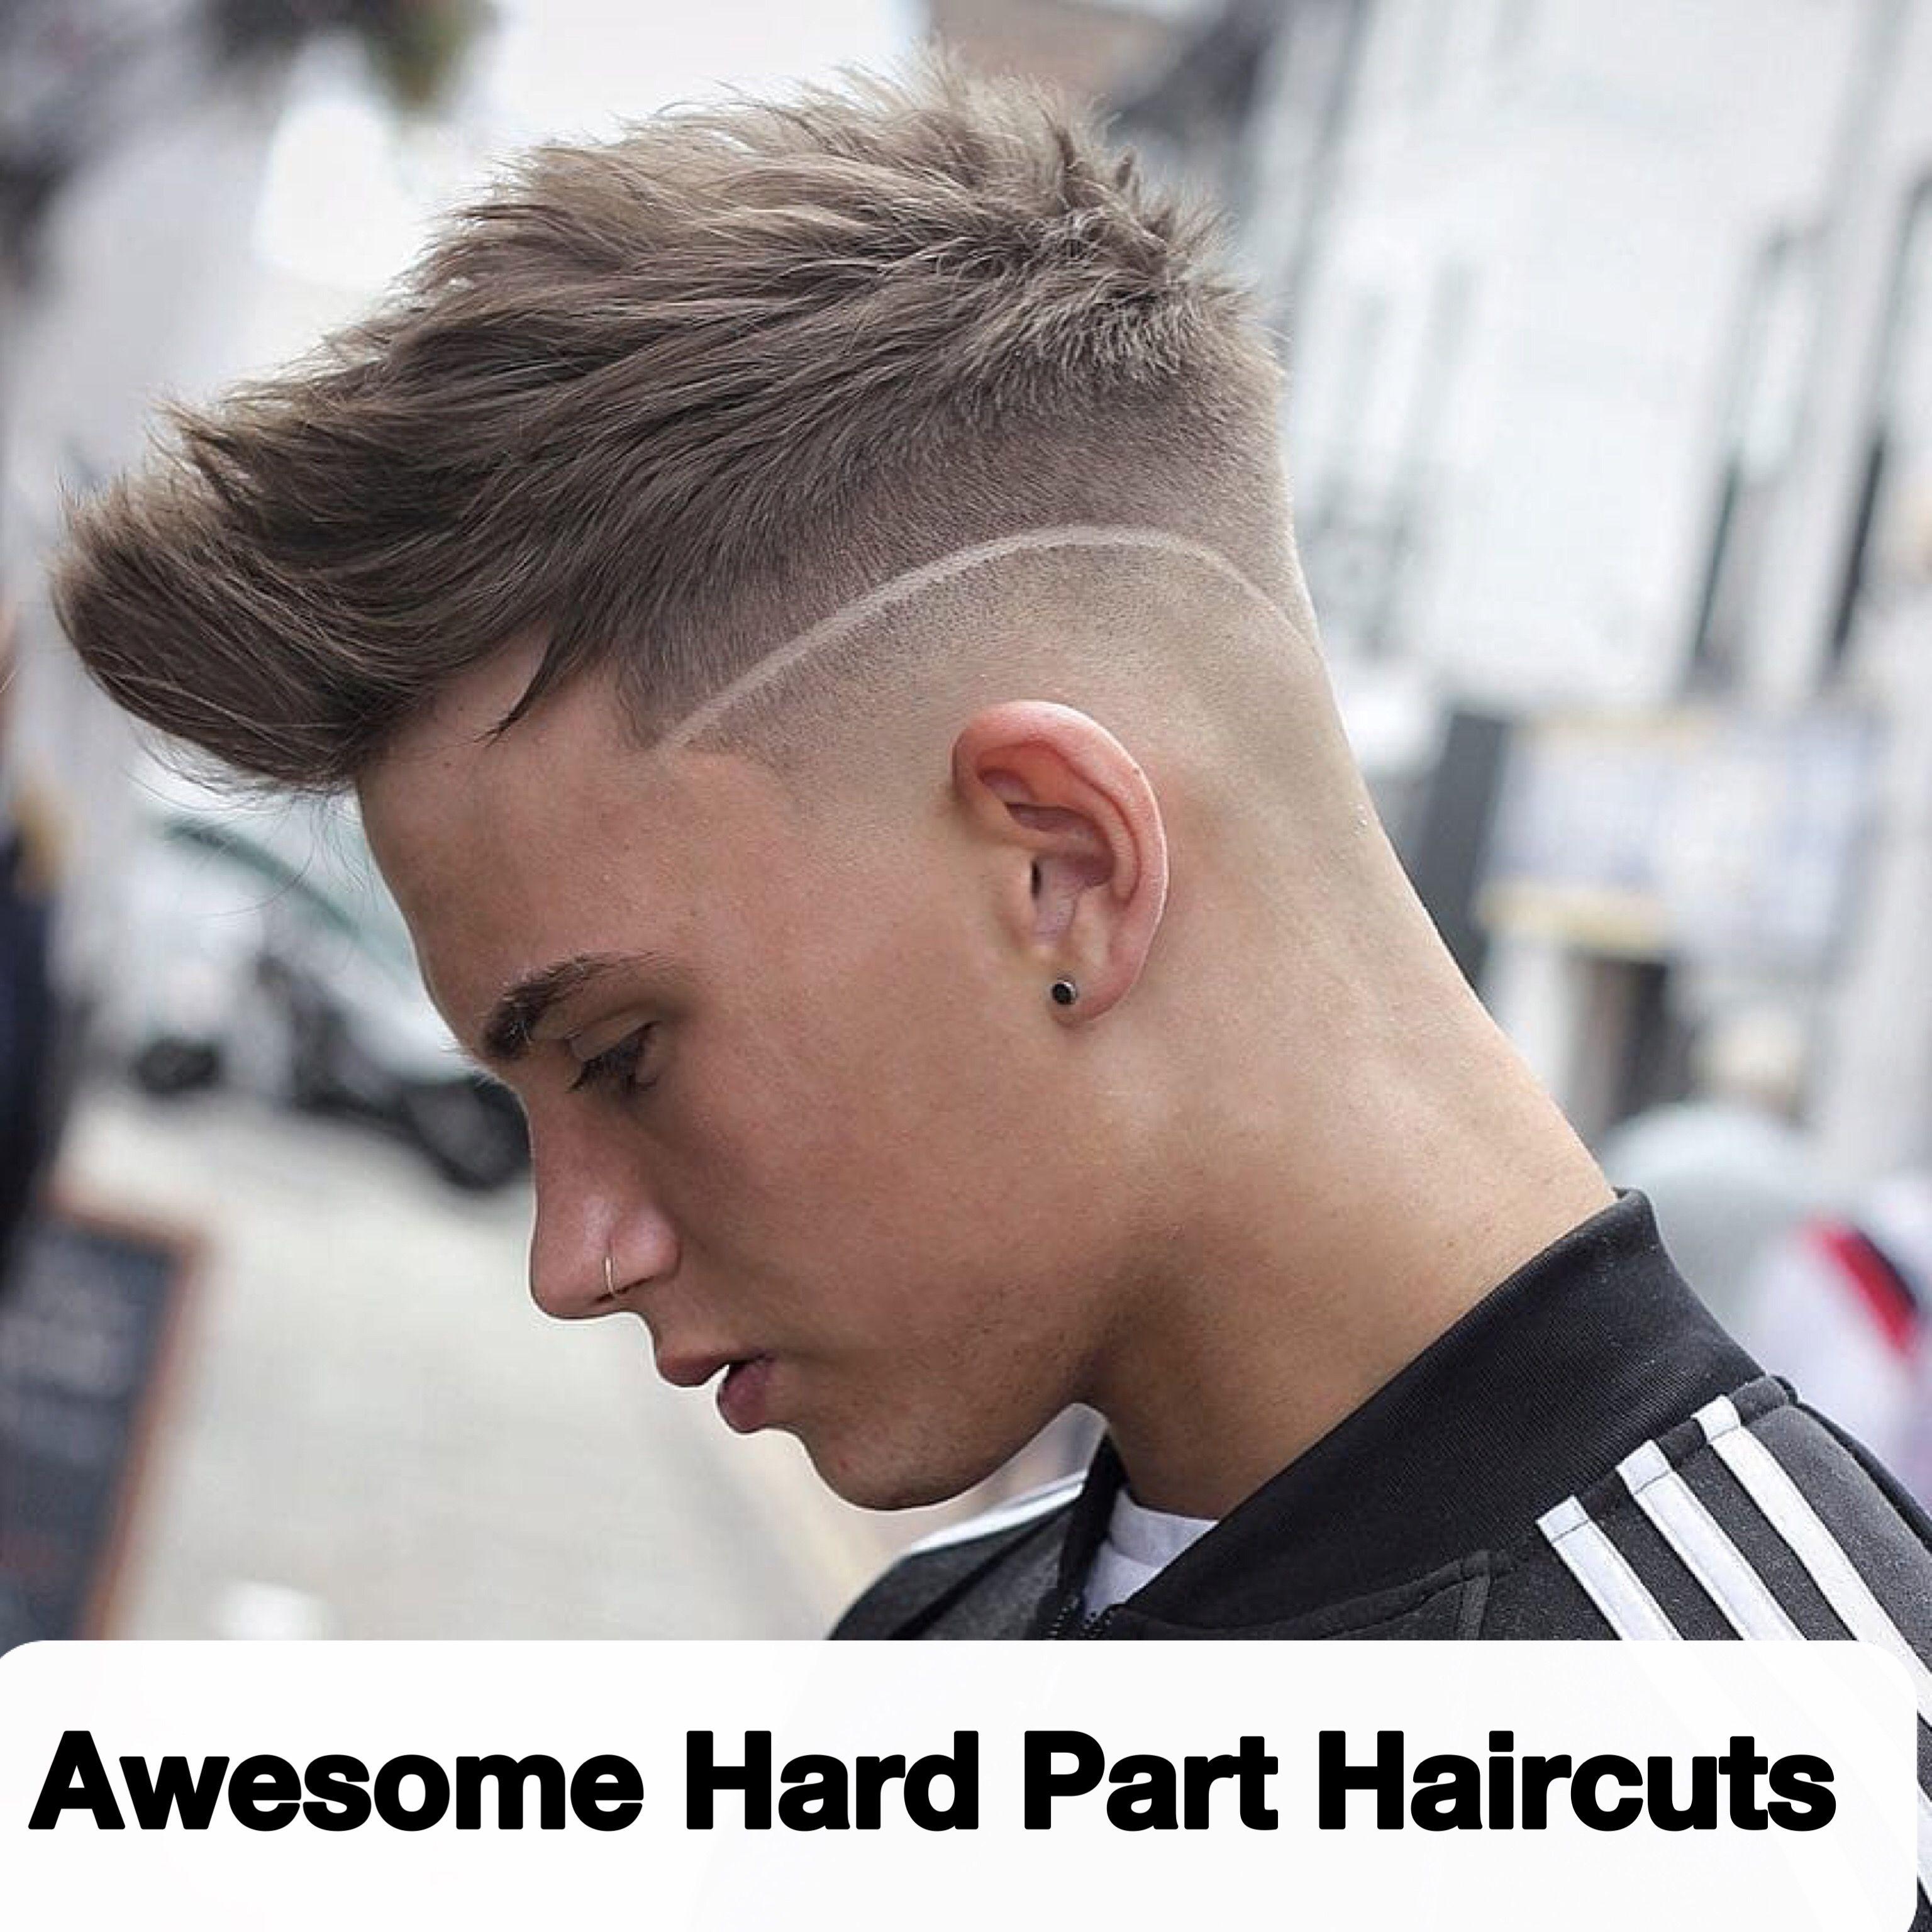 Hard part